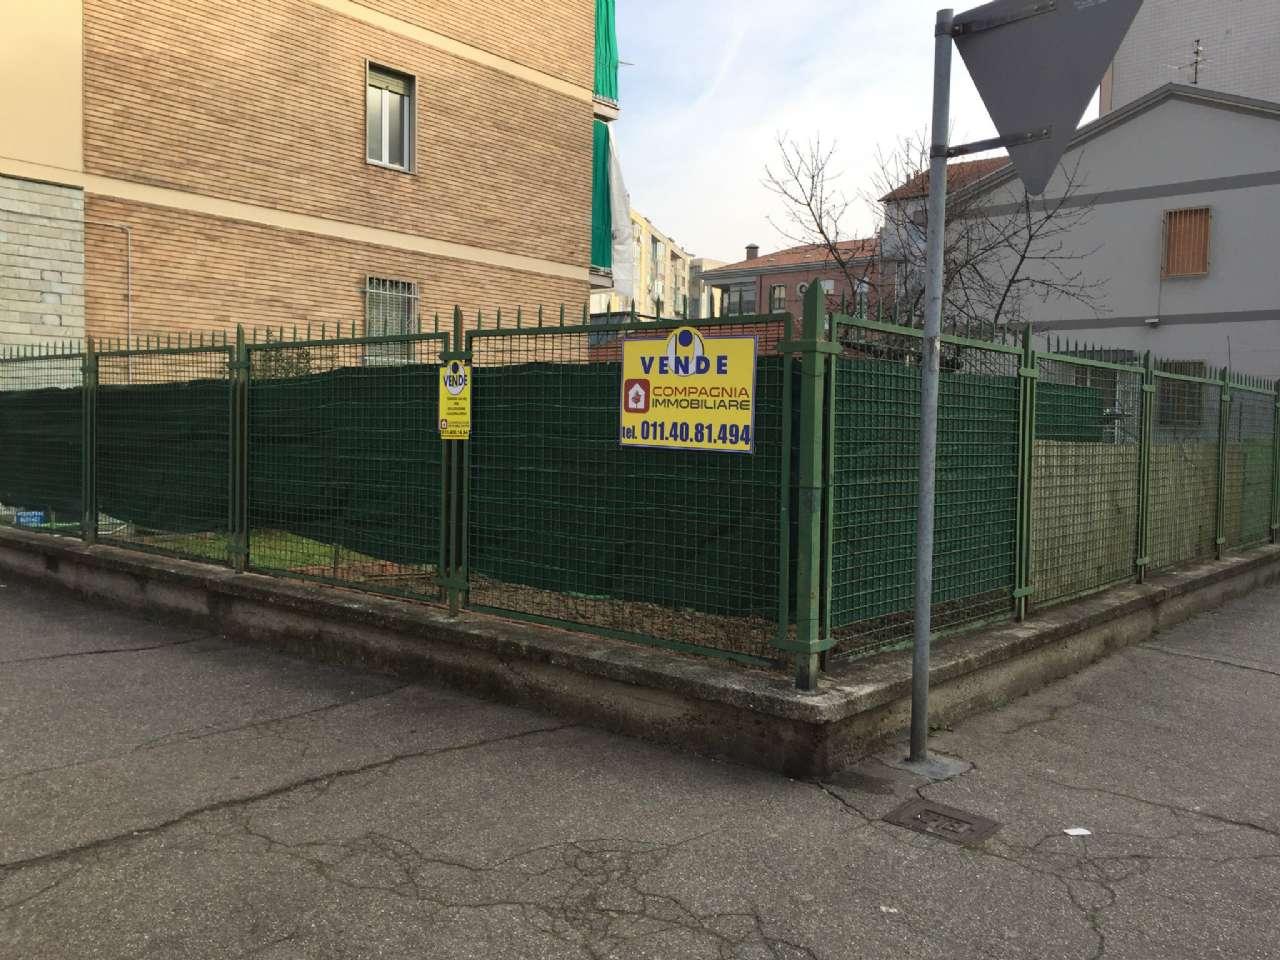 torino vendita quart: parella, pozzo strada compagnia-immobiliare-grugliasco